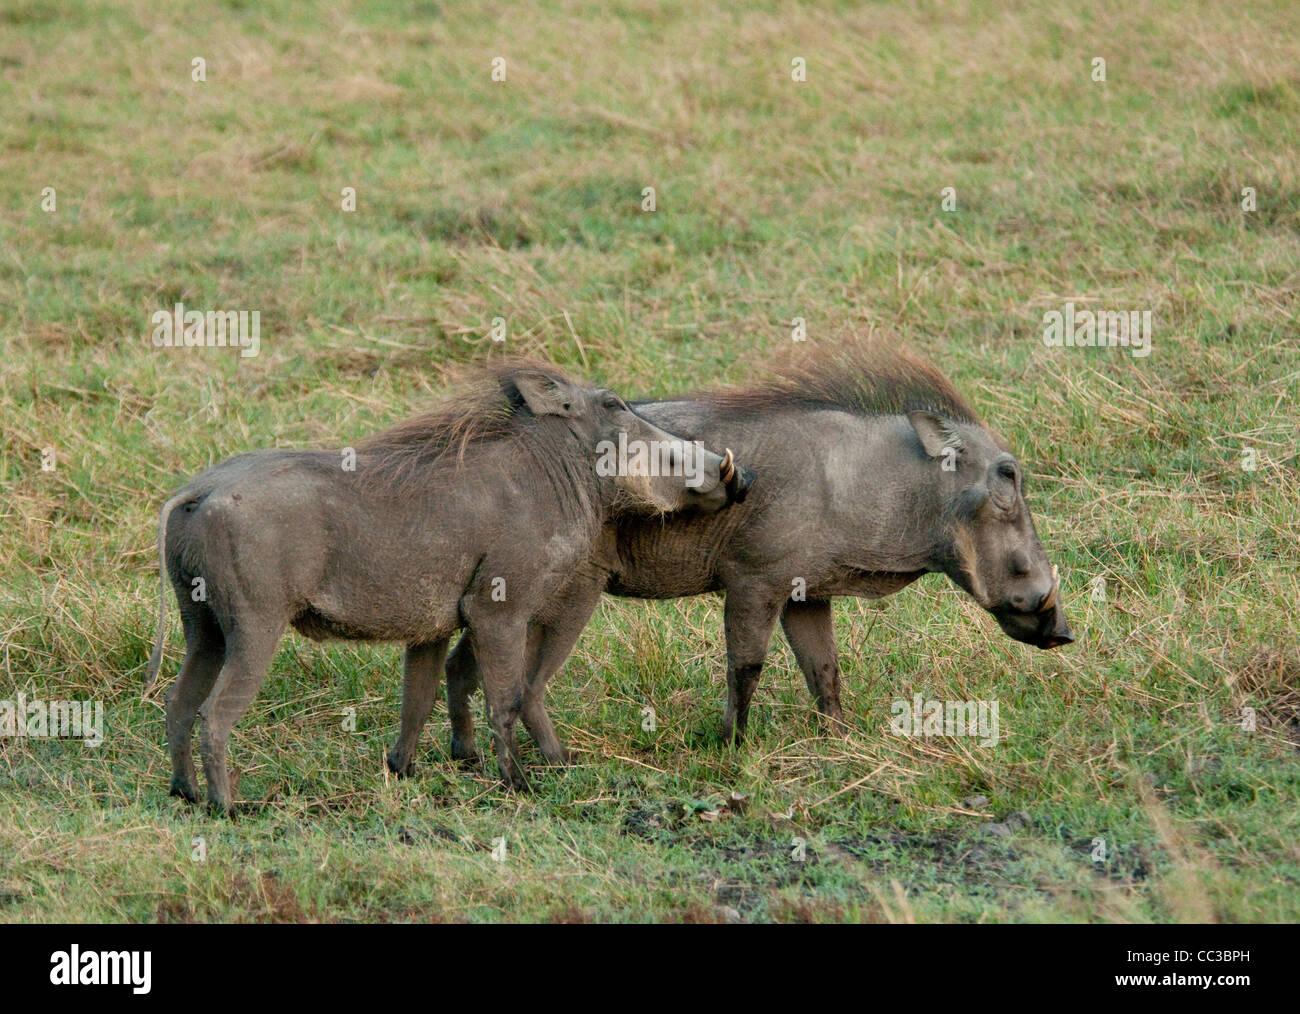 Africa Botswana Tuba Tree-Warthog touching other (Phacochoerus africanus) - Stock Image